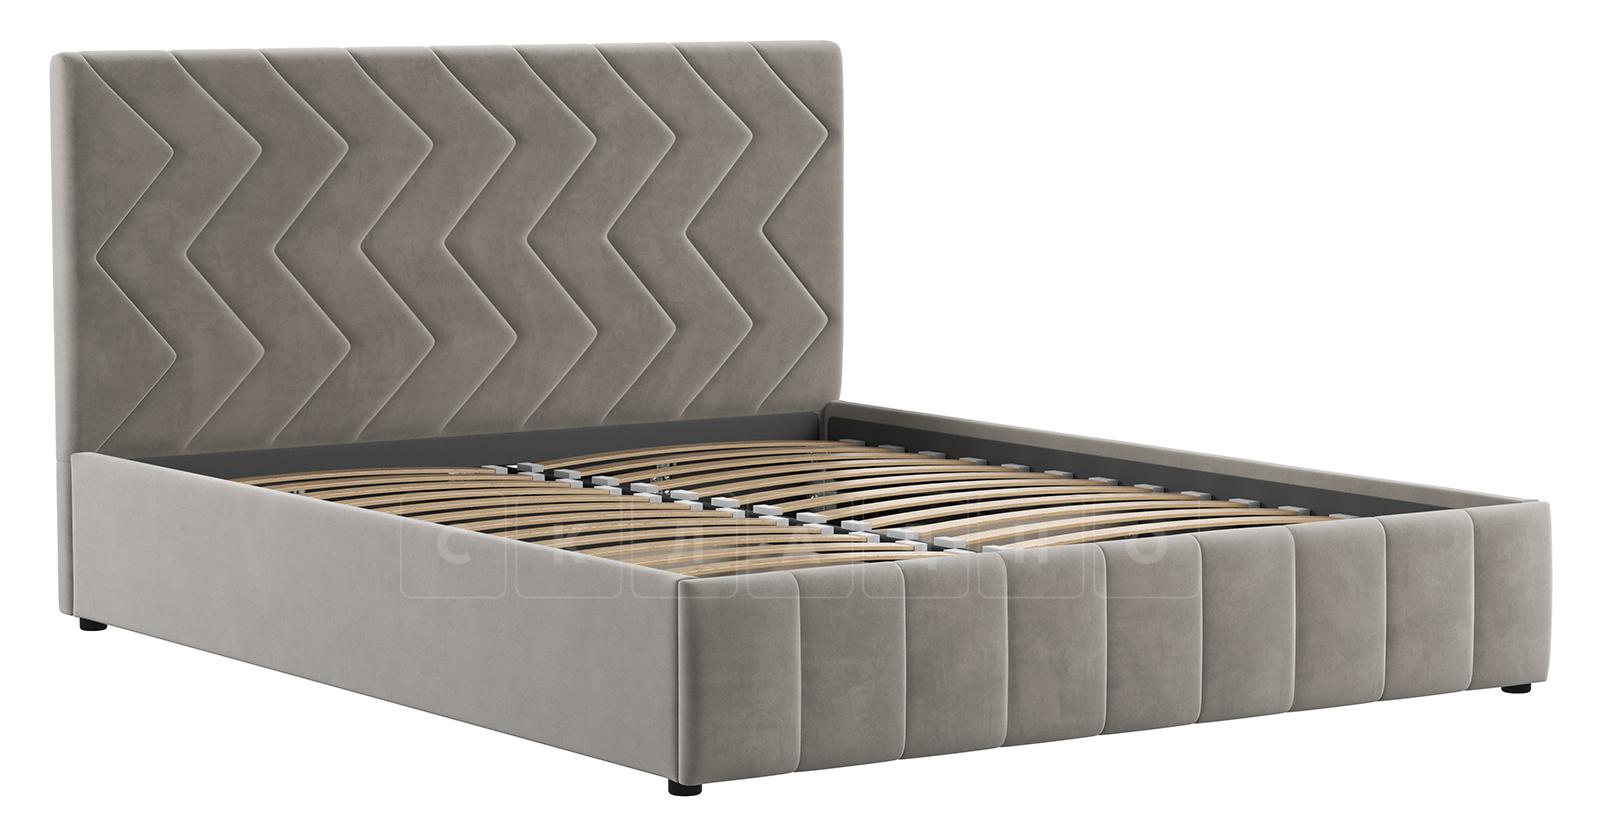 Мягкая кровать Милана 160 см светлый кварцевый серый с подъемным механизмом фото 2 | интернет-магазин Складно